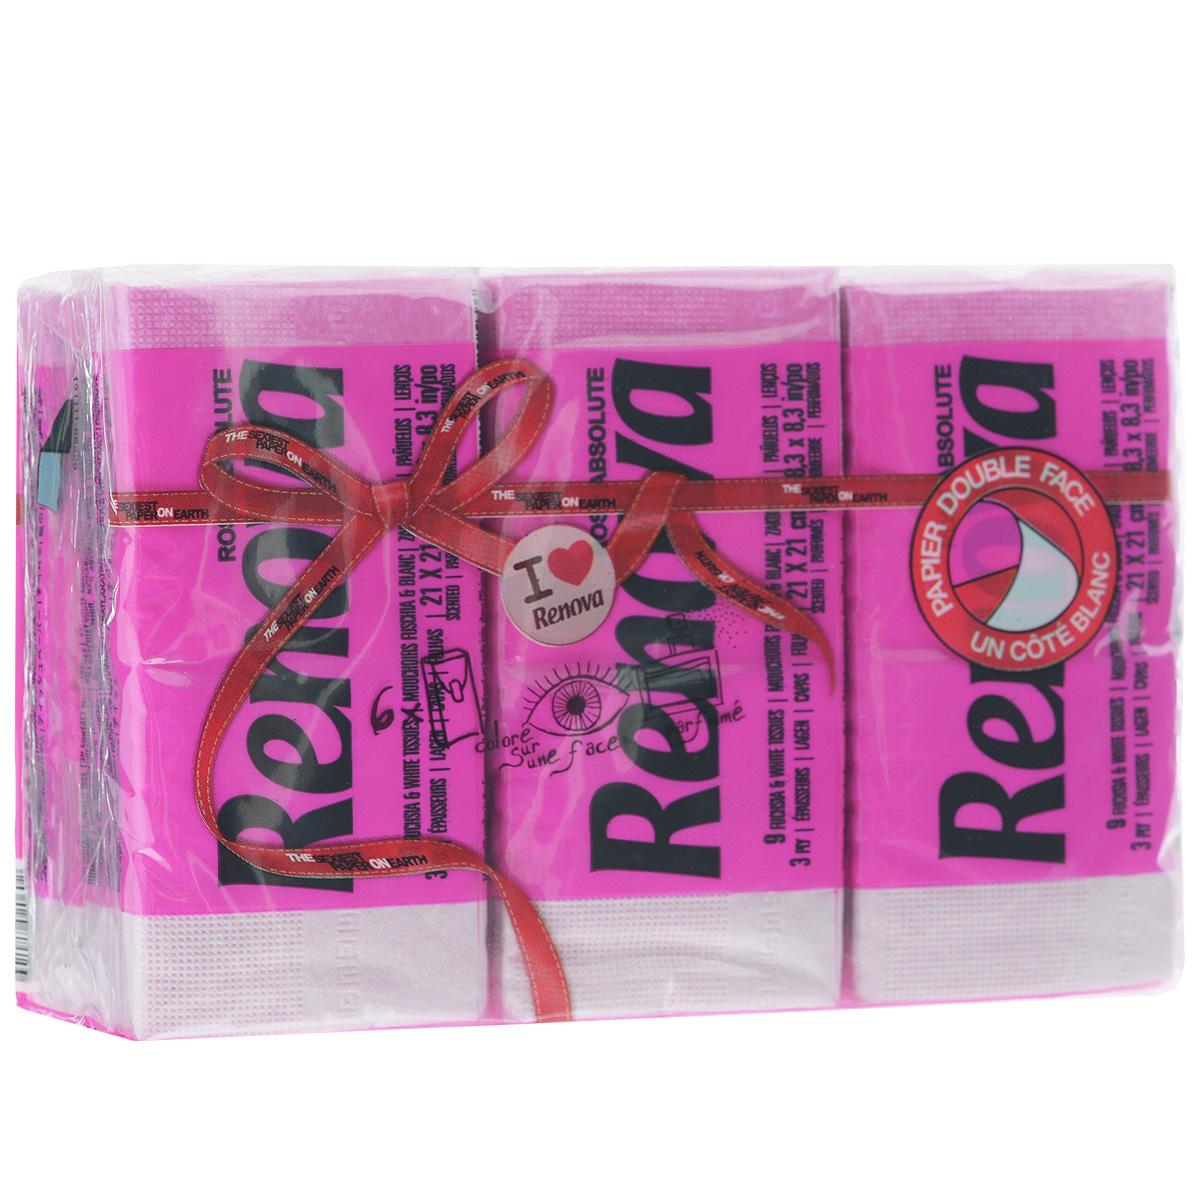 Платочки бумажные Renova Rose Absolute, ароматизированные, трехслойные, цвет: фуксия, 6 пачек200066553Бумажные гигиенические платочки Renova Rose Absolute,изготовленные из 100% натуральной целлюлозы, подходят для детей и взрослых. Они обладают уникальными свойствами, так как всегда остаются мягкими на ощупь, прочными и отлично впитывающими влагу и могут быть пригодными в любой ситуации. Бумажные платочки Renova Rose Absolute имеют нежный аромат розы.Удобная небольшая упаковка позволяет носить платочки в кармане.Количество слоев: 3.Размер листа: 21 см х 21 см.Количество пачек: 6 шт.Количество платочков в каждой пачке: 9 шт. Португальская компания Renova является ведущим разработчиком новейших технологий производства, нового стиля и направления на рынке гигиенической продукции. Современный дизайн и высочайшее качество, дерматологический контроль - это то, что выделяет компанию Renova среди других производителей бумажной санитарно-гигиенической продукции.